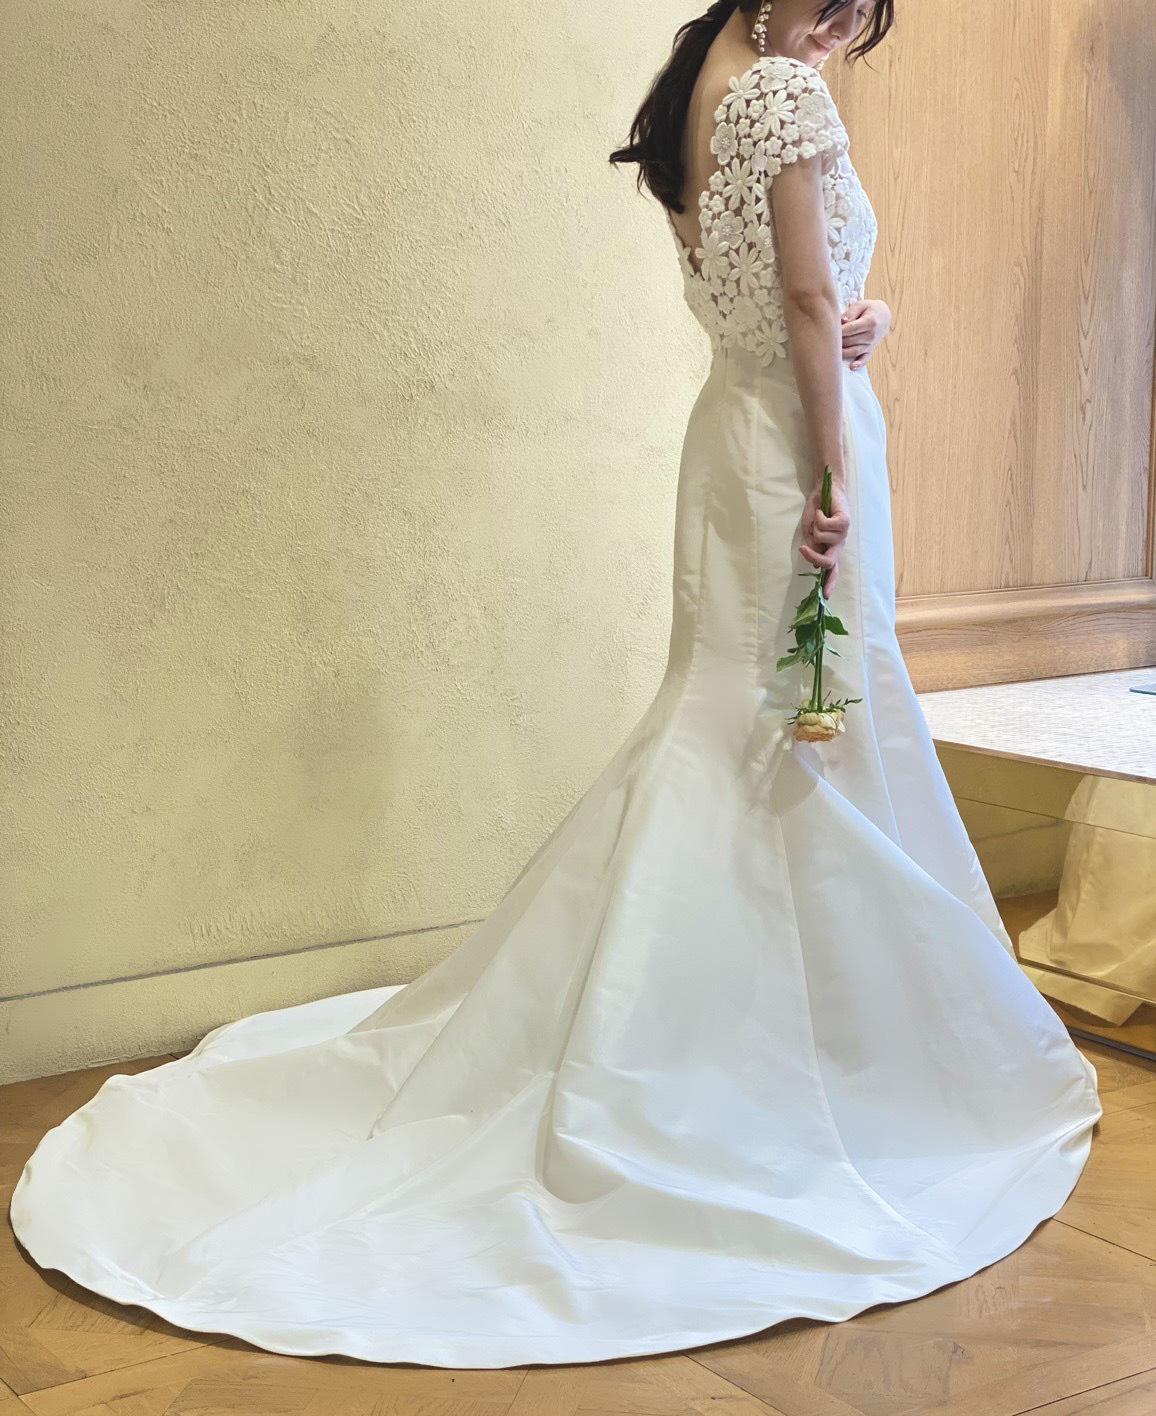 関西の結婚式場におすすめのザ・トリートドレッシングのマーメイドドレス